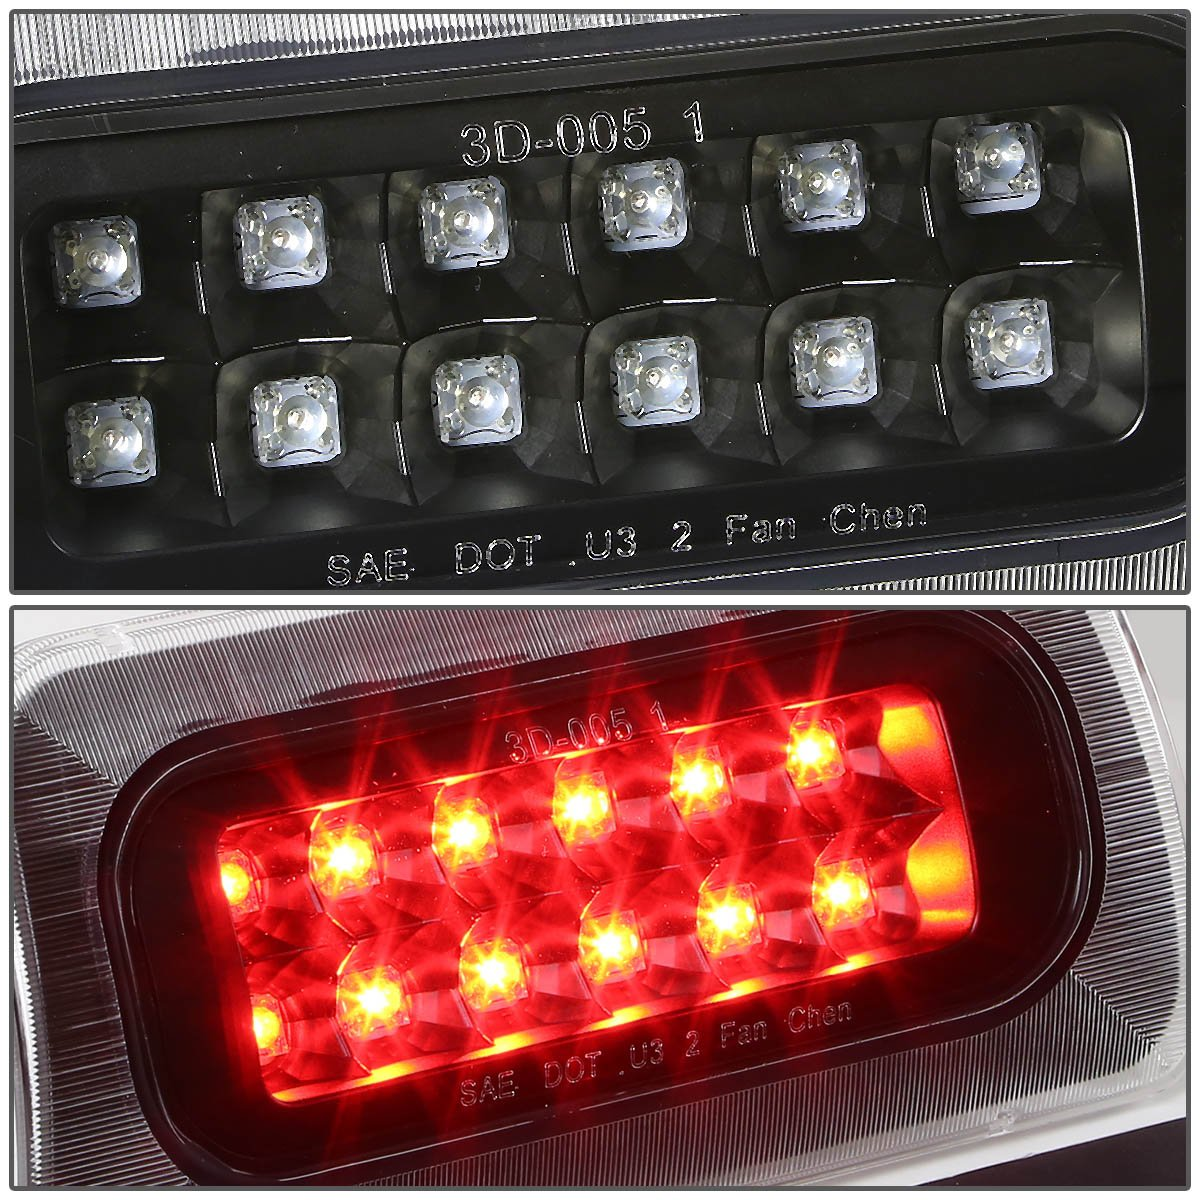 DNA Motoring 3BL-GMCSON-LED-RD Third Brake Light